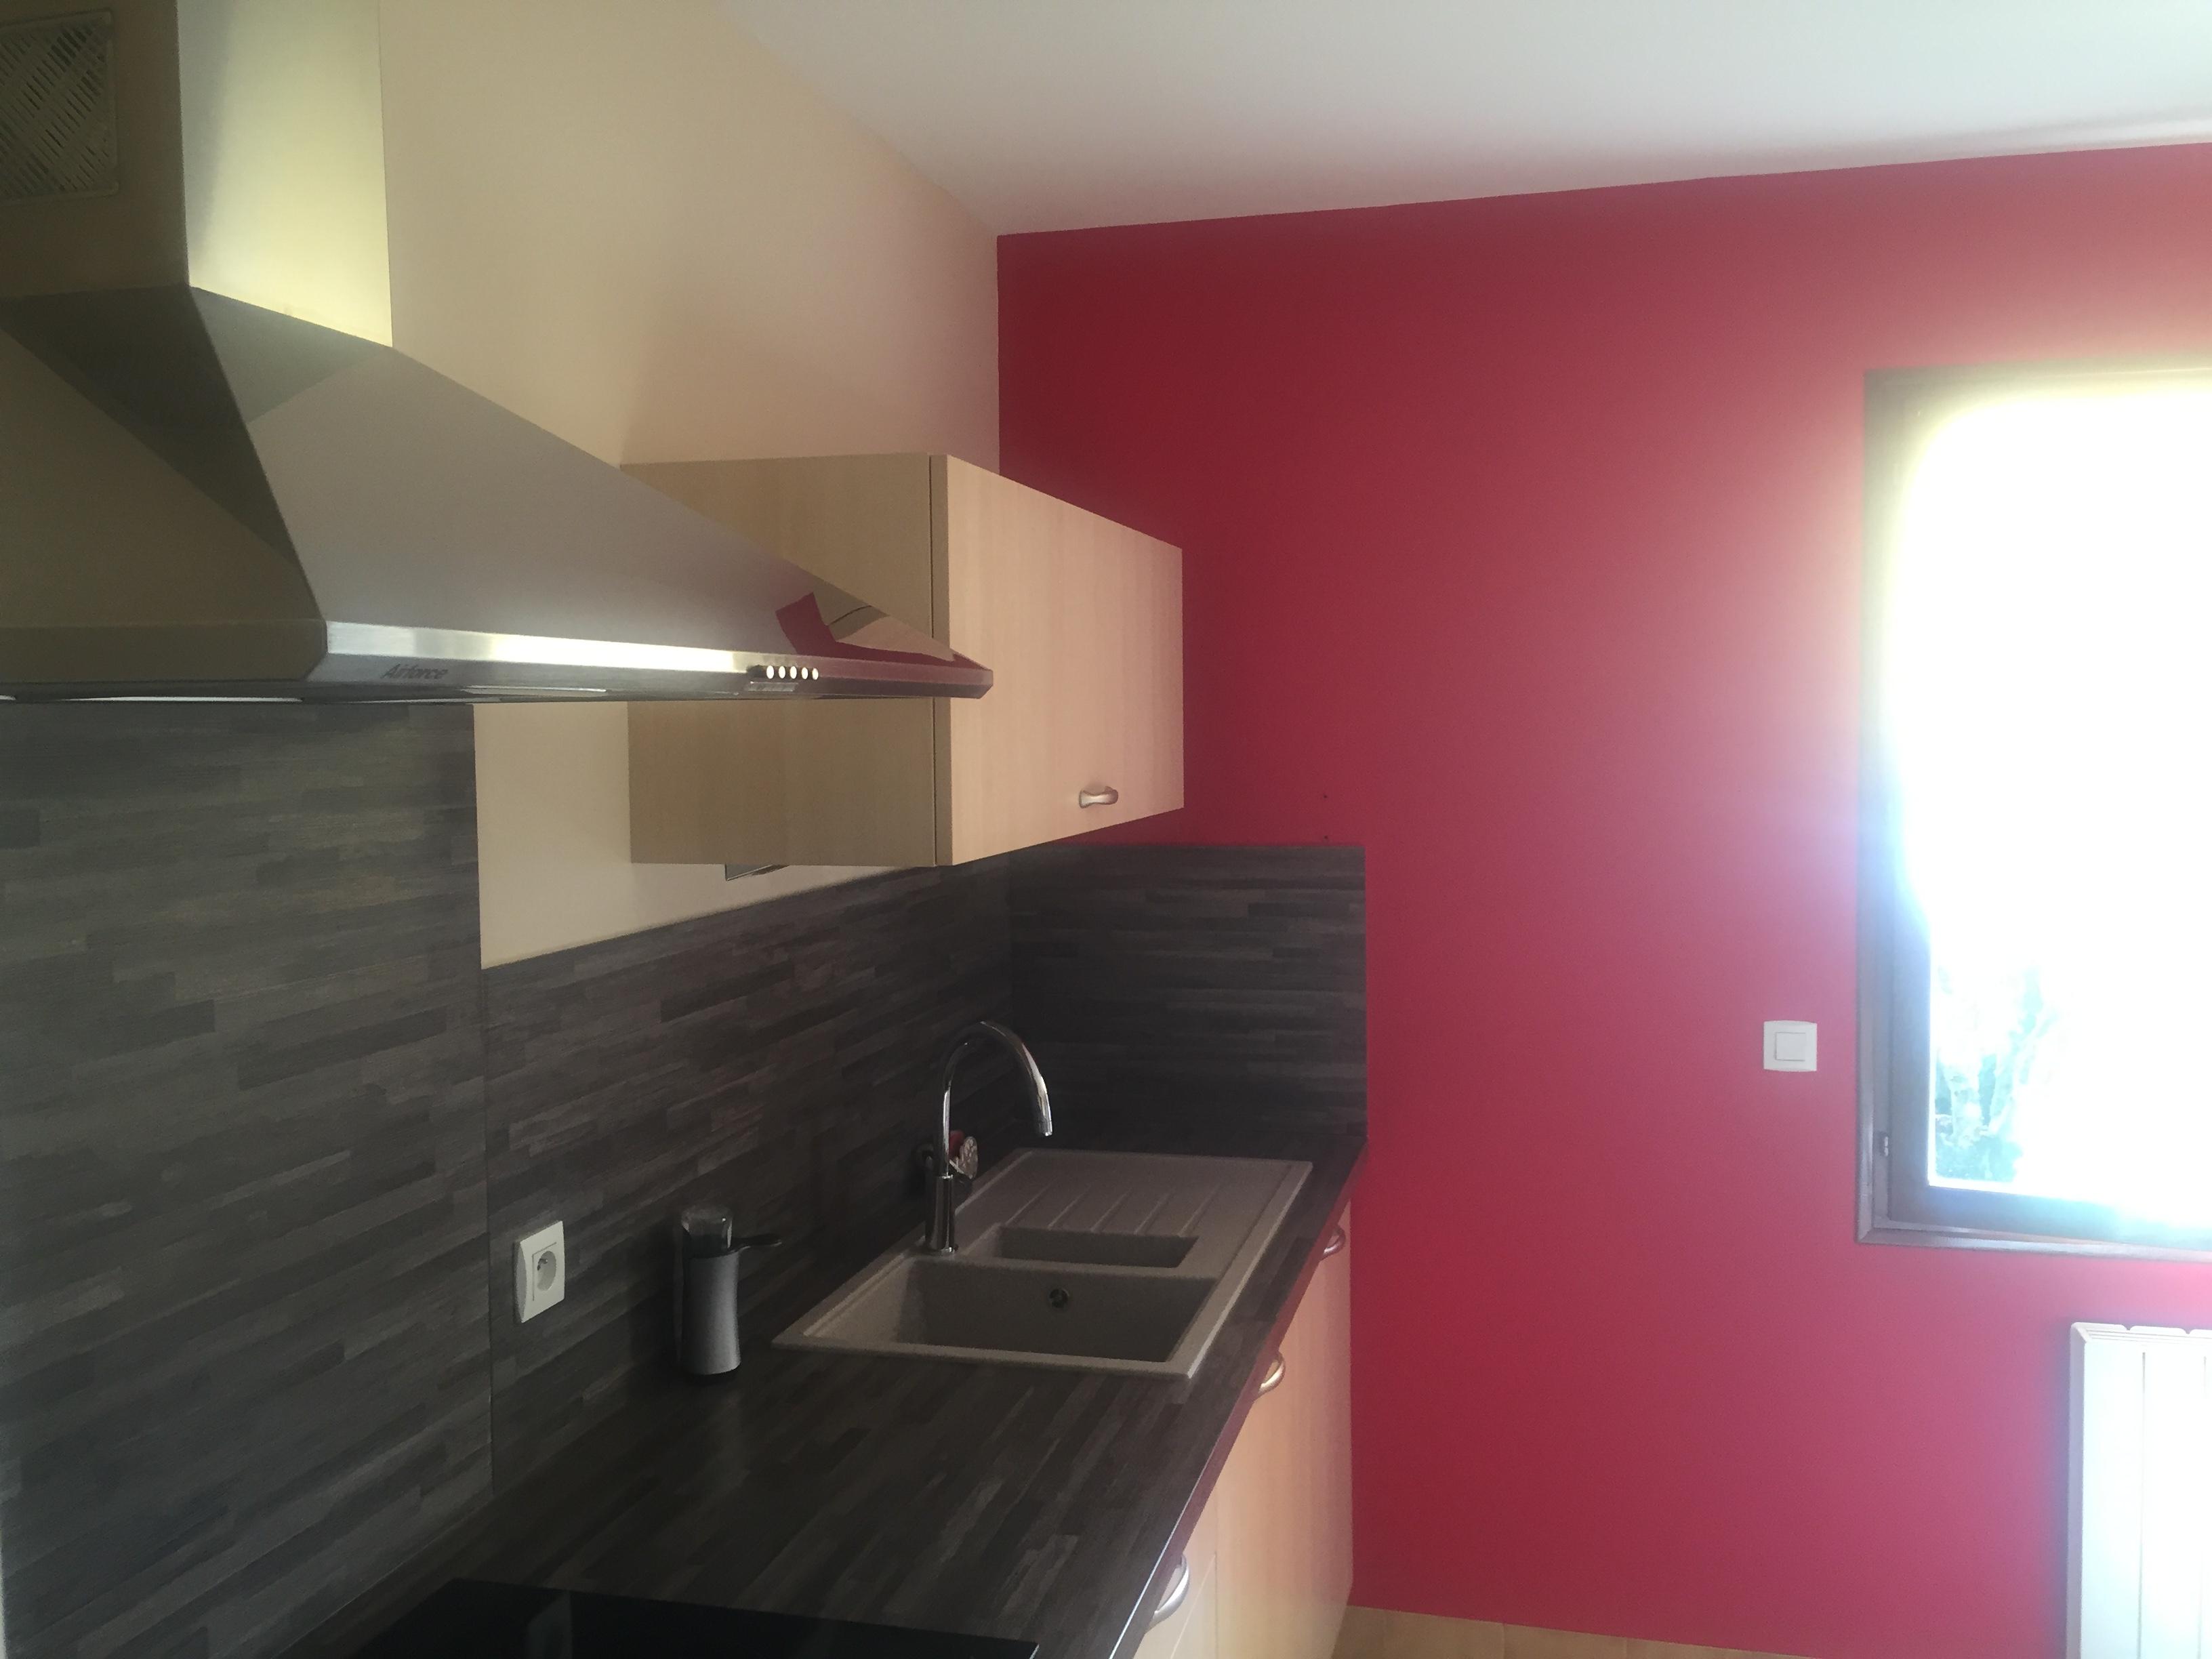 R novation d 39 une cuisine en peinture steve robert peinture for Peinture cuisine lessivable